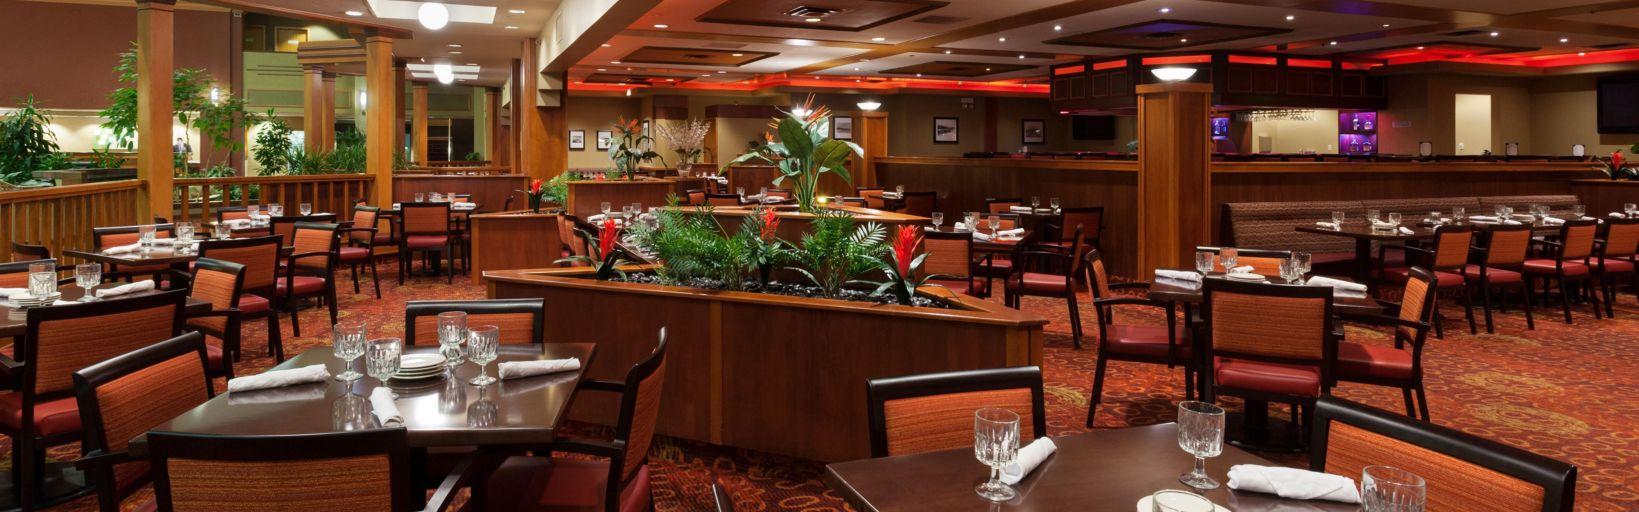 Mckenna 39 S Restaurant